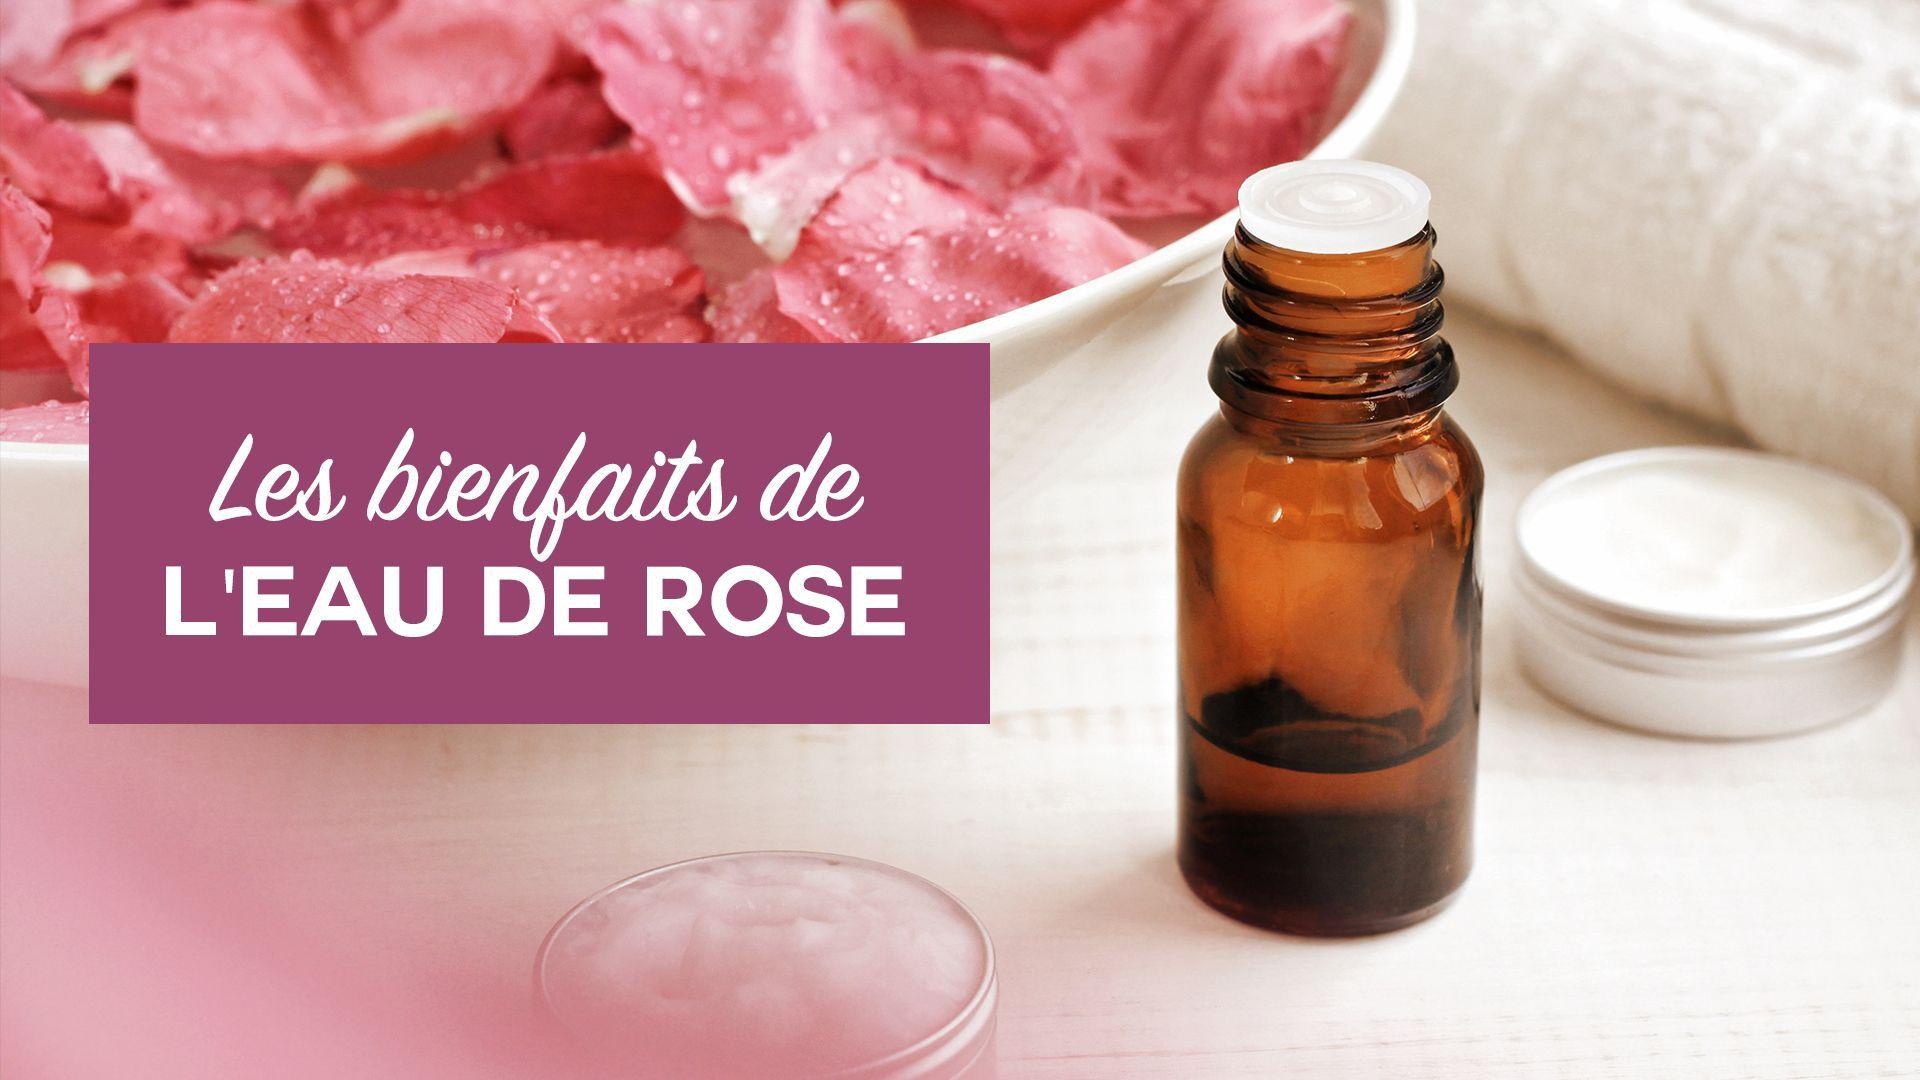 Beauté : les bienfaits de l'eau de rose